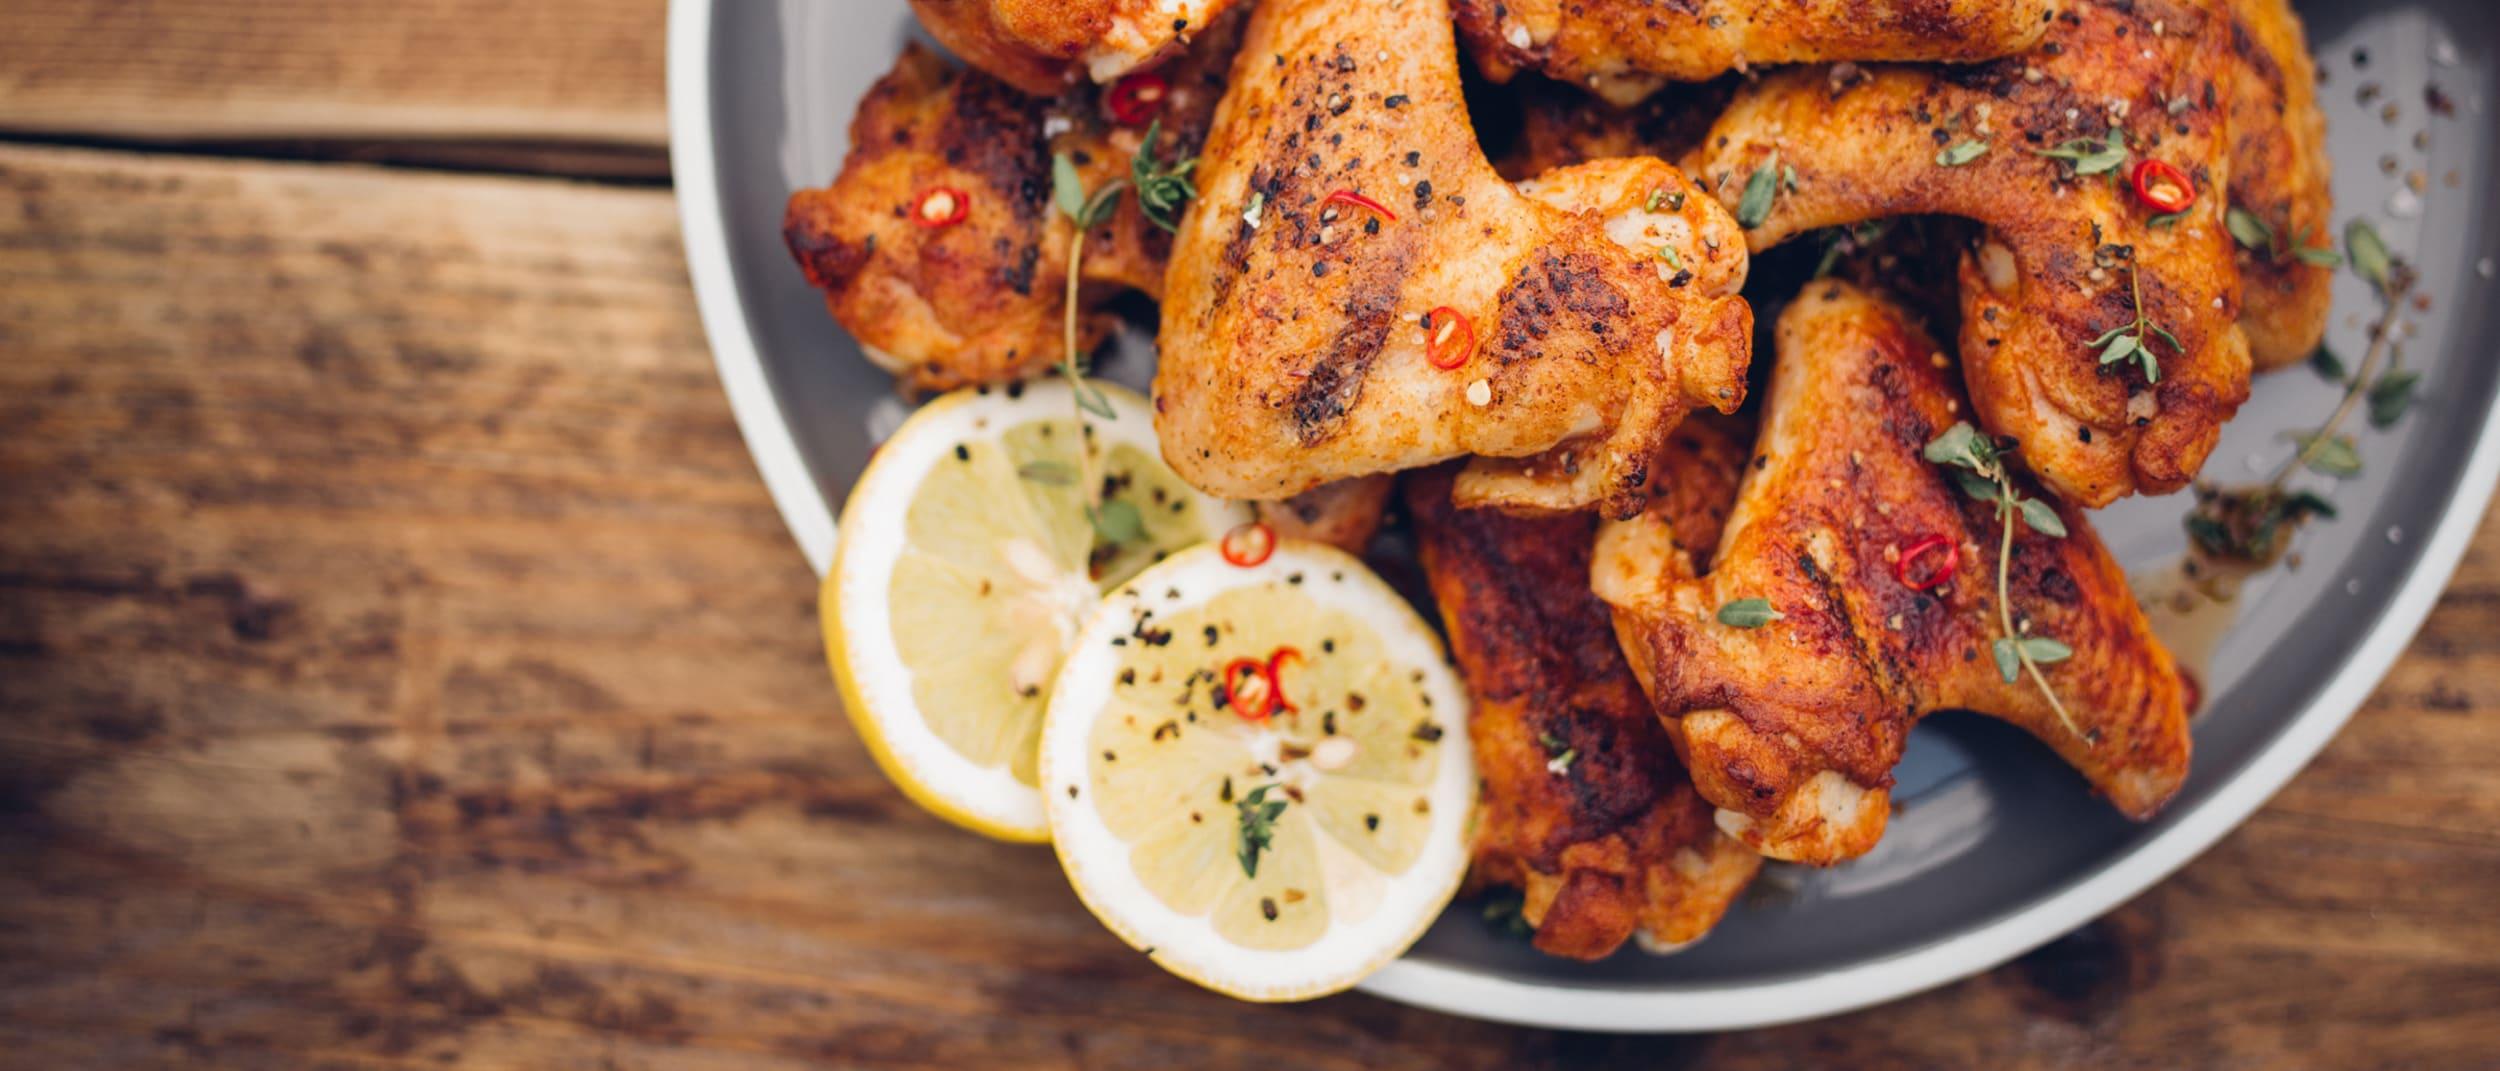 Berto's butchery: chicken tenders special